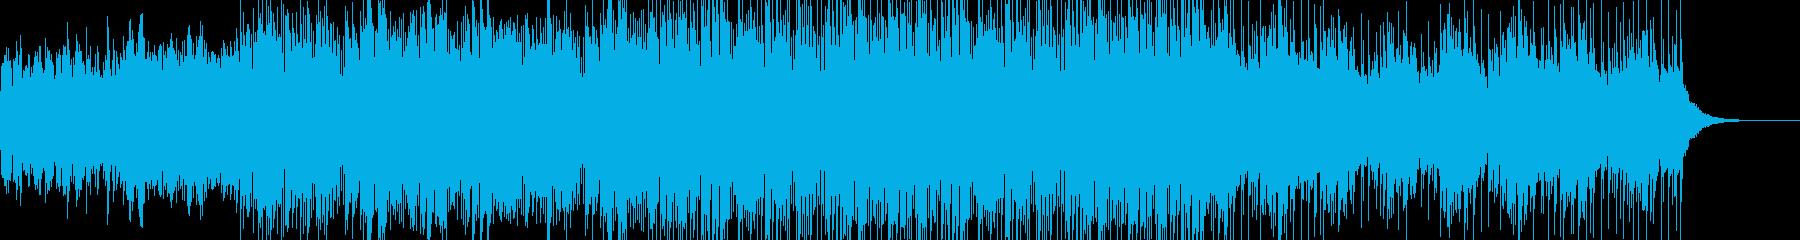 シンセサウンドの落ち着いたBGMの再生済みの波形